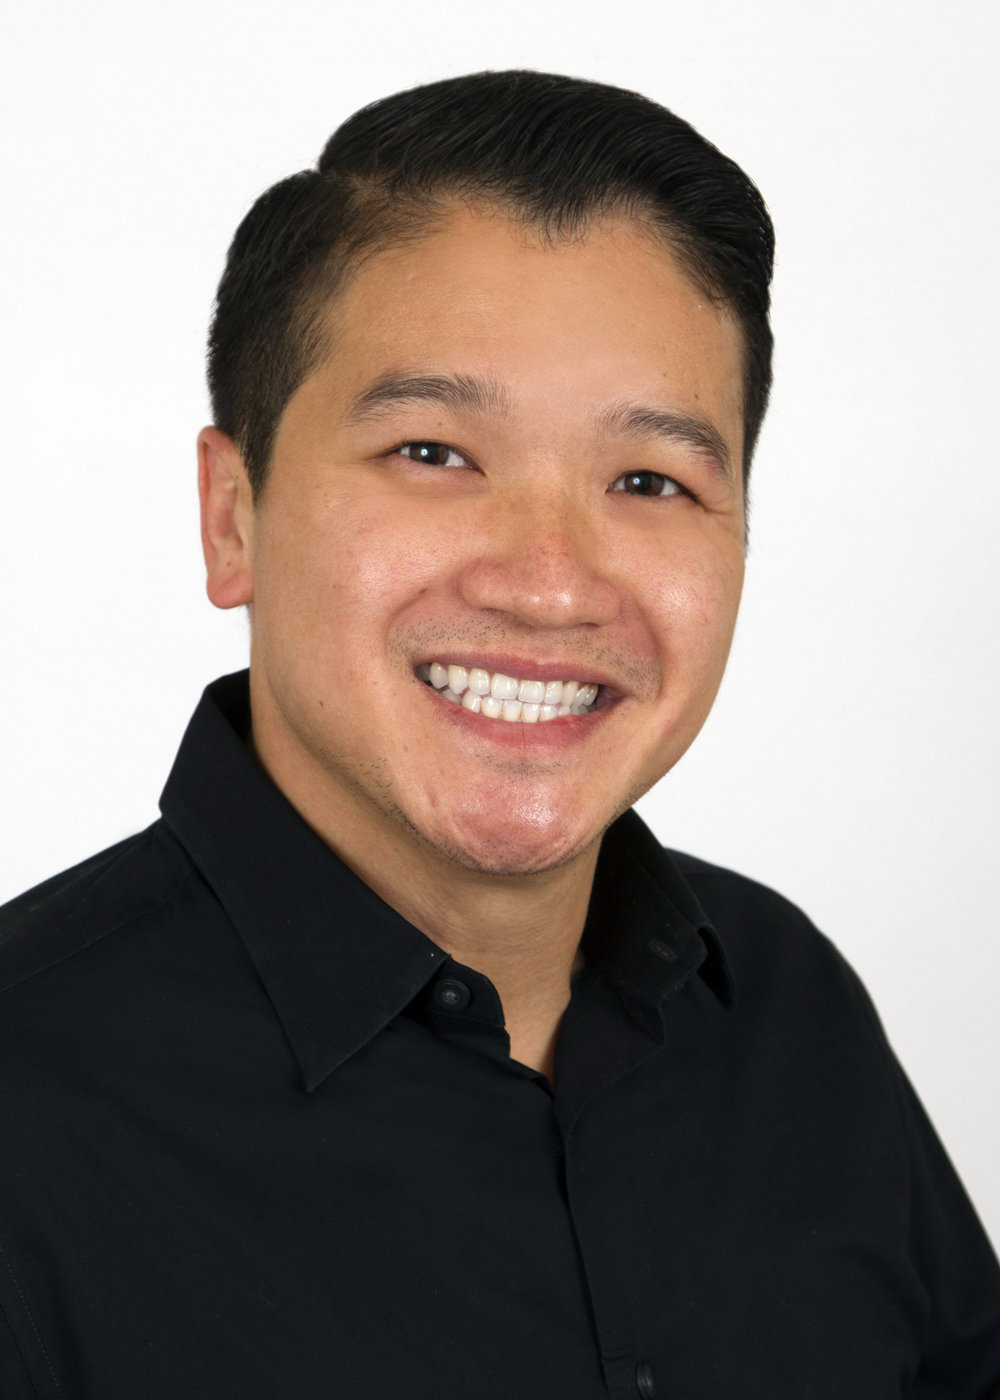 Aaaron Trinh, PsyD